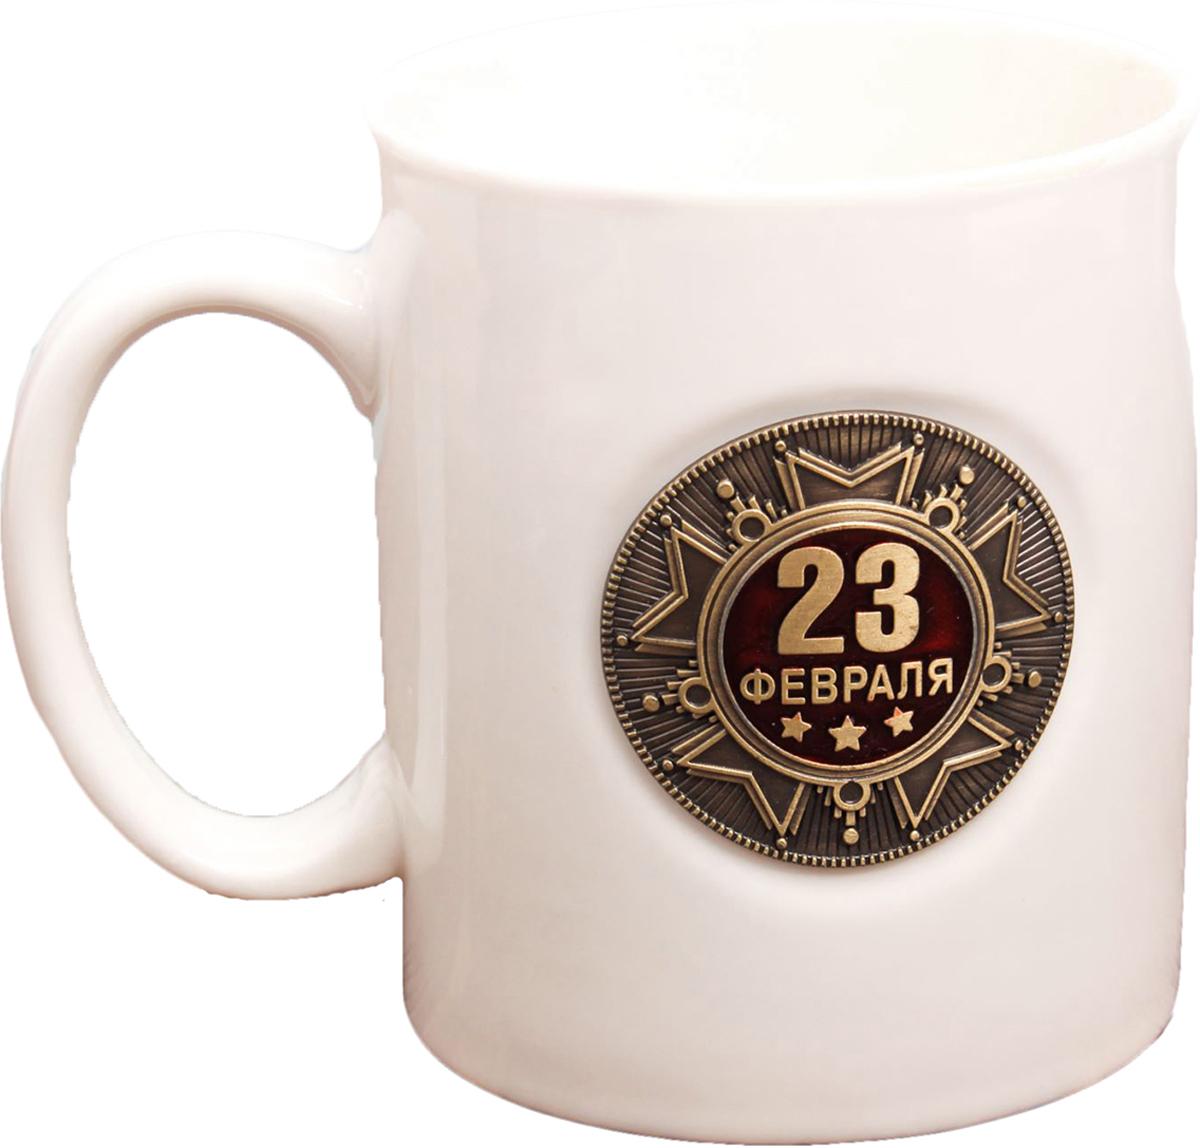 Кружка Sima-Land 23 Февраля, цвет: белый, золотой, 300 мл. 23938042393804Авторский дизайн, оригинальный декор, оптимальный объем - отличительные черты этой кружки. Налейте в нее горячий свежезаваренный кофе или крепкий ароматный чай, и каждый глоток будет сокрушительным ударом по врагам: сонливости, вялости и апатии! Изделие упаковано в подарочную картонную коробку.